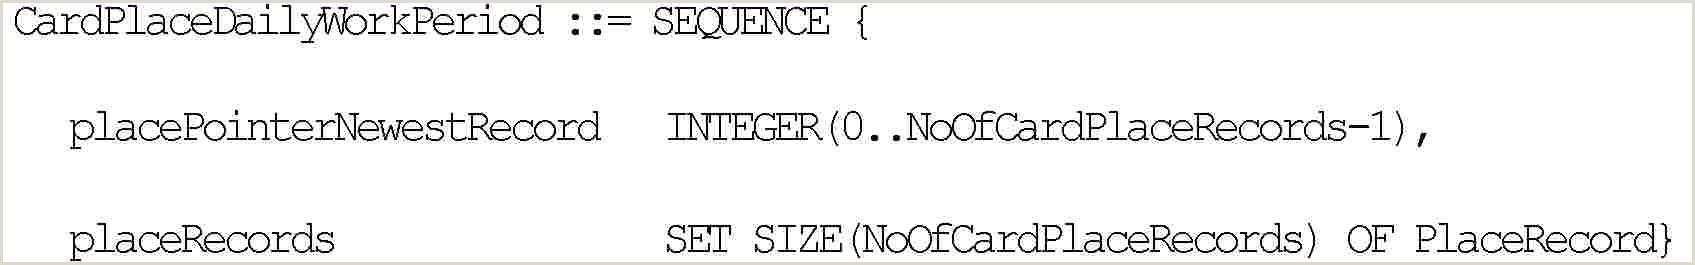 Formato Unico De Hoja De Vida Imprimir Texto Consolidado R3821 — Es — 01 10 2012